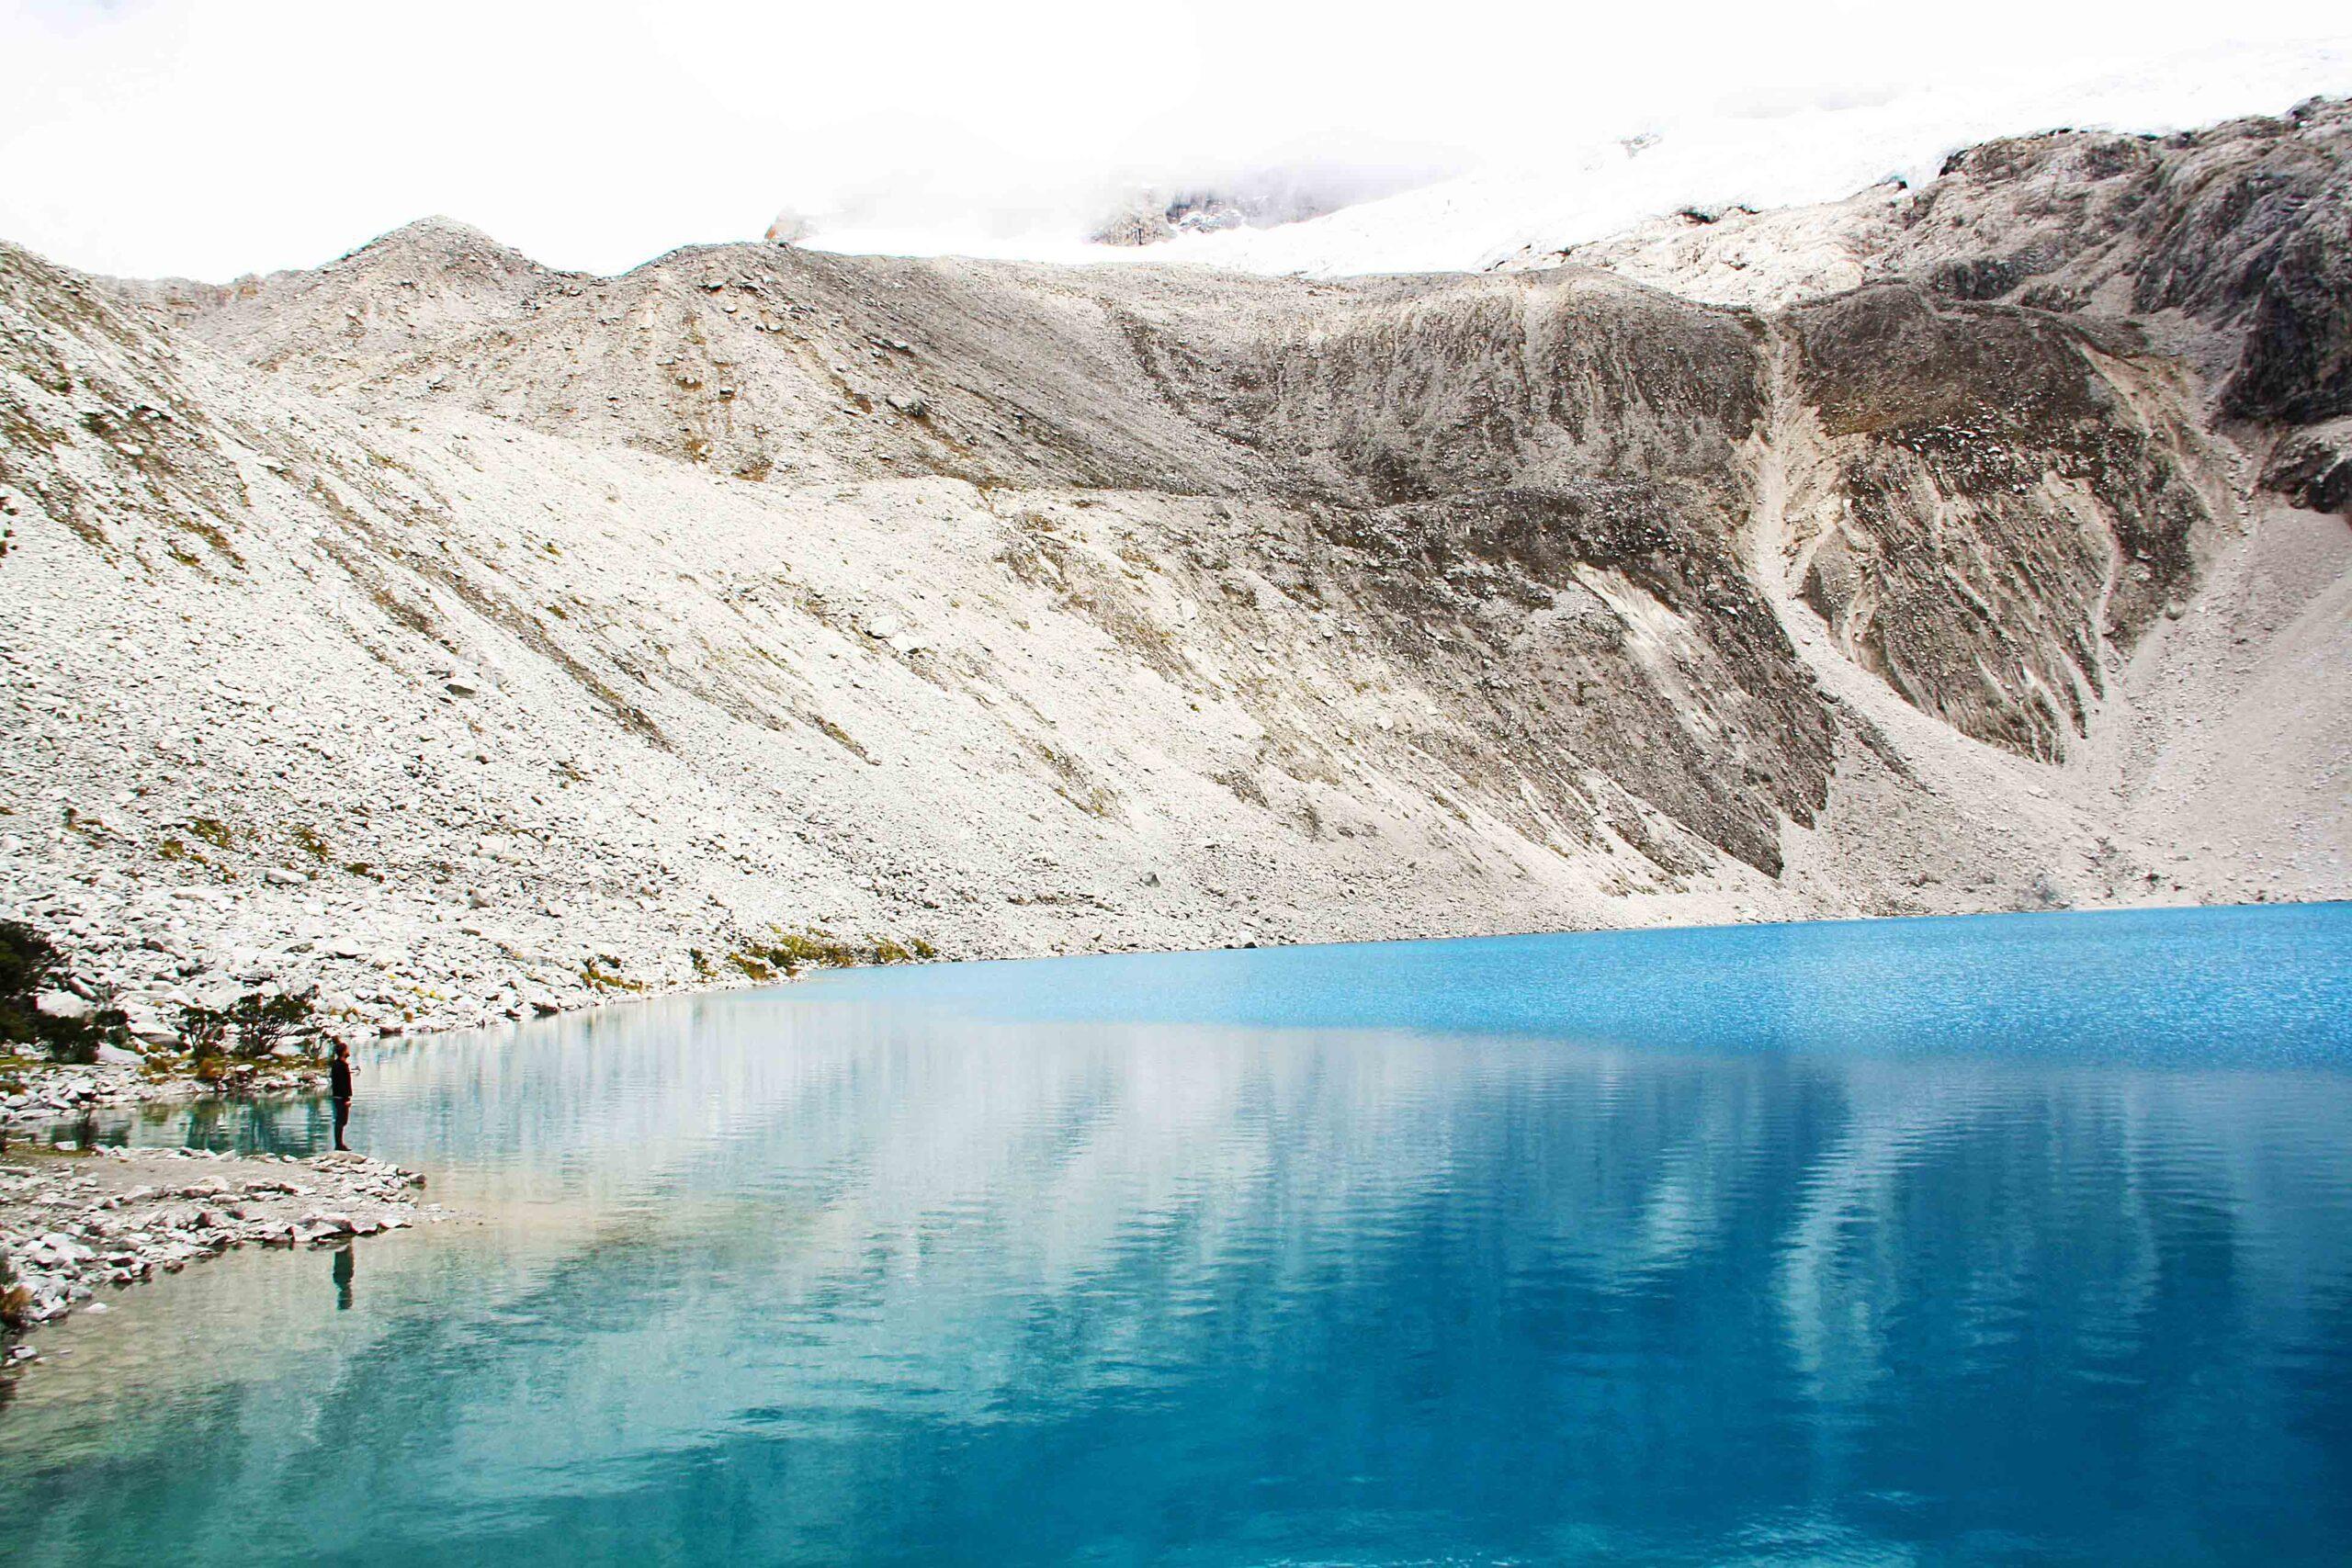 laguna 69 cordillera blanca trekking huaraz